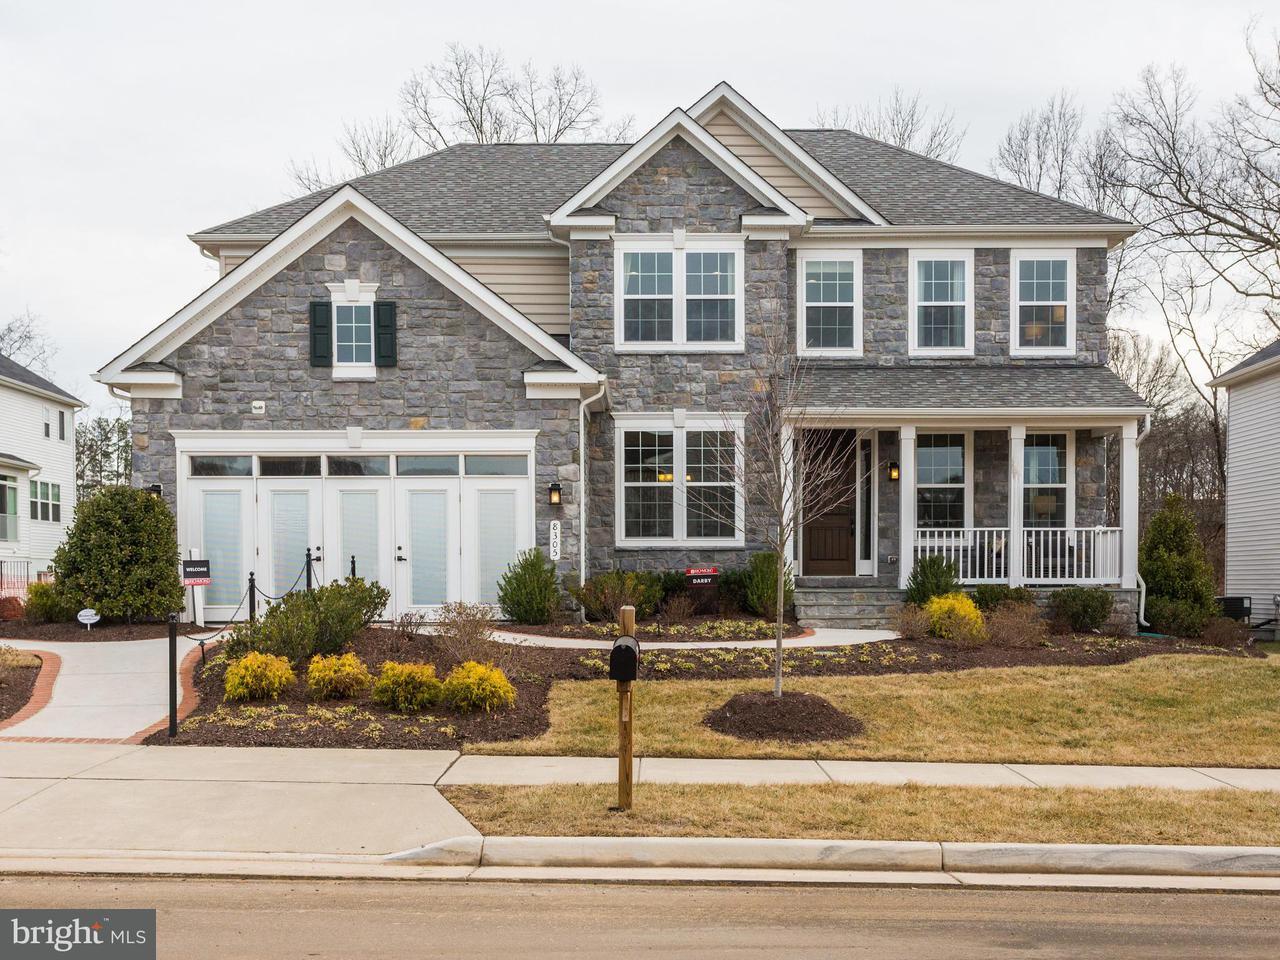 Частный односемейный дом для того Продажа на 8305 Old Sonoma Place 8305 Old Sonoma Place Bristow, Виргиния 20136 Соединенные Штаты